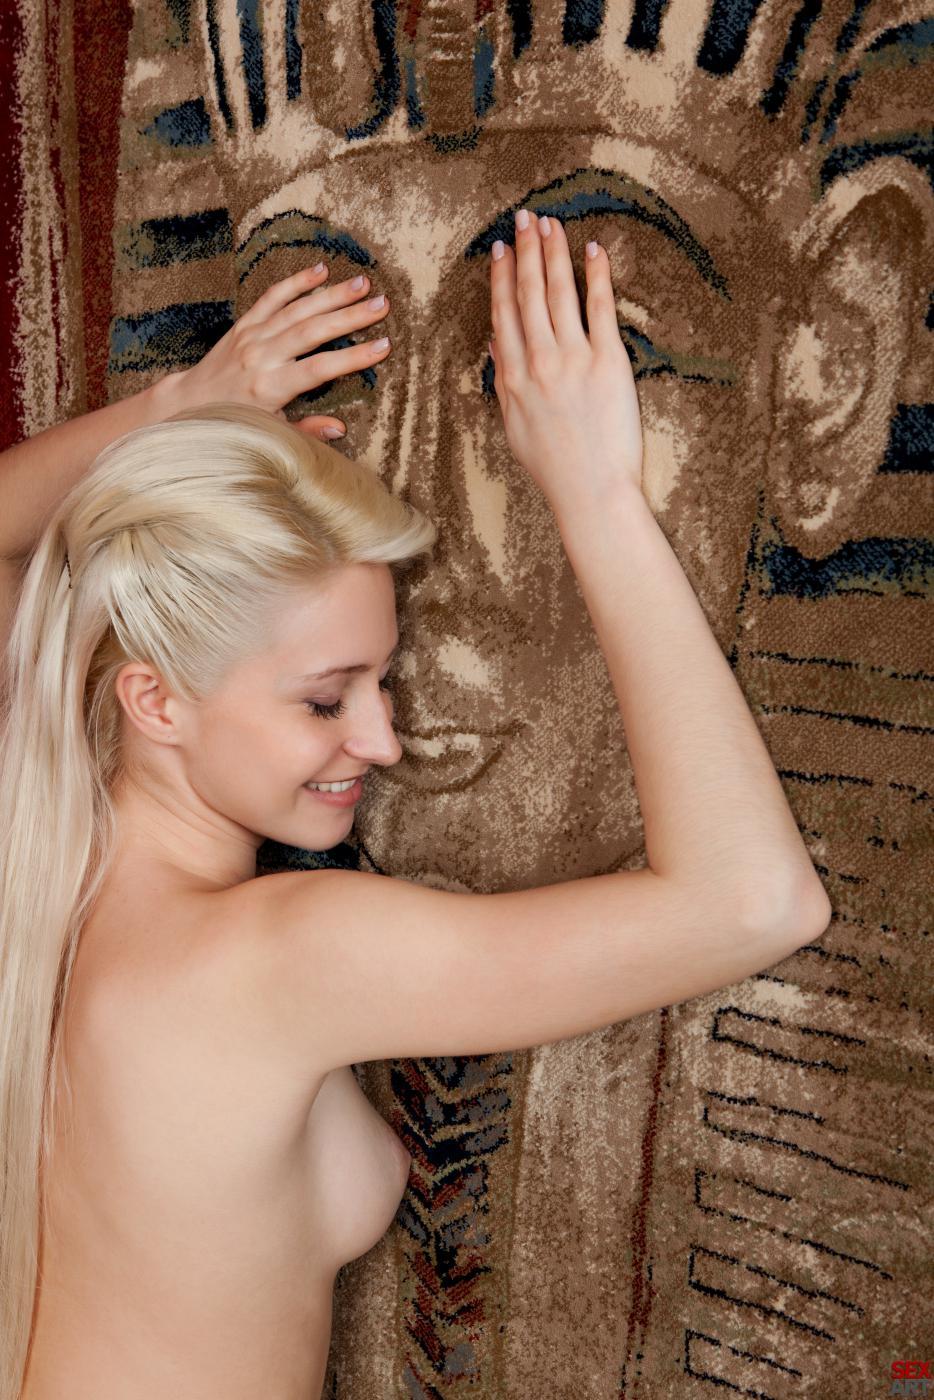 Раздетая светловолосая красоточка Janelle B принимает душ и соблазнительно фотографируется на постели